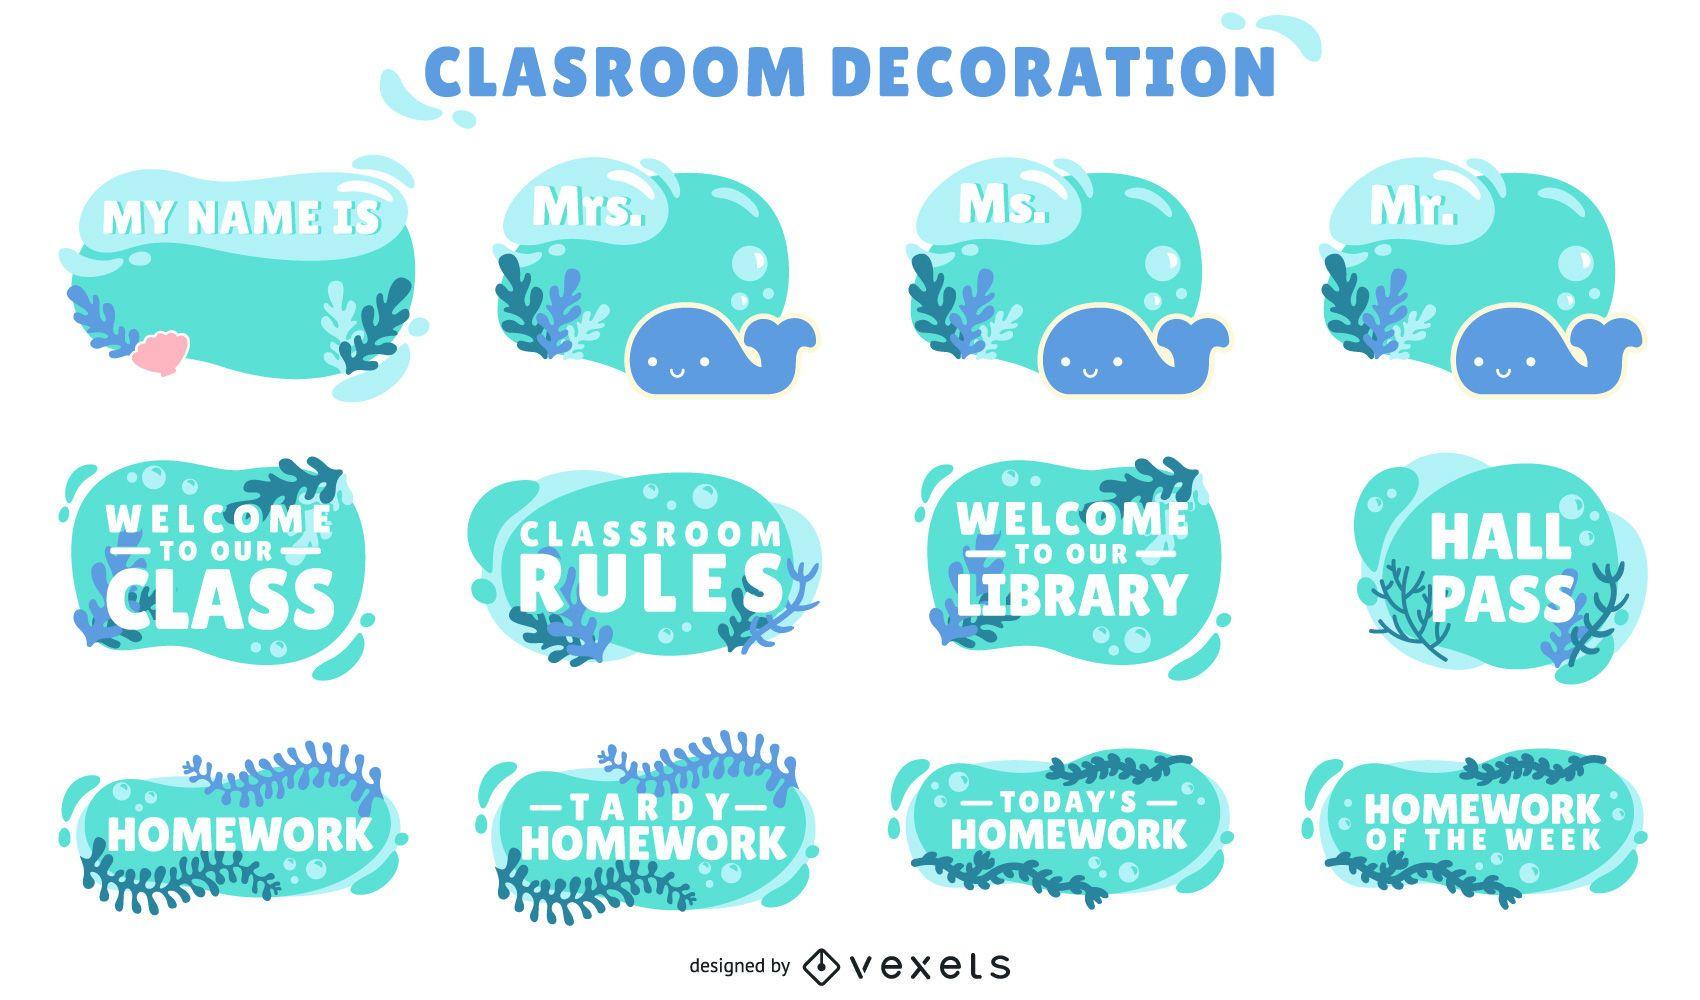 conjunto de etiquetas decorativas de sala de aula oceano